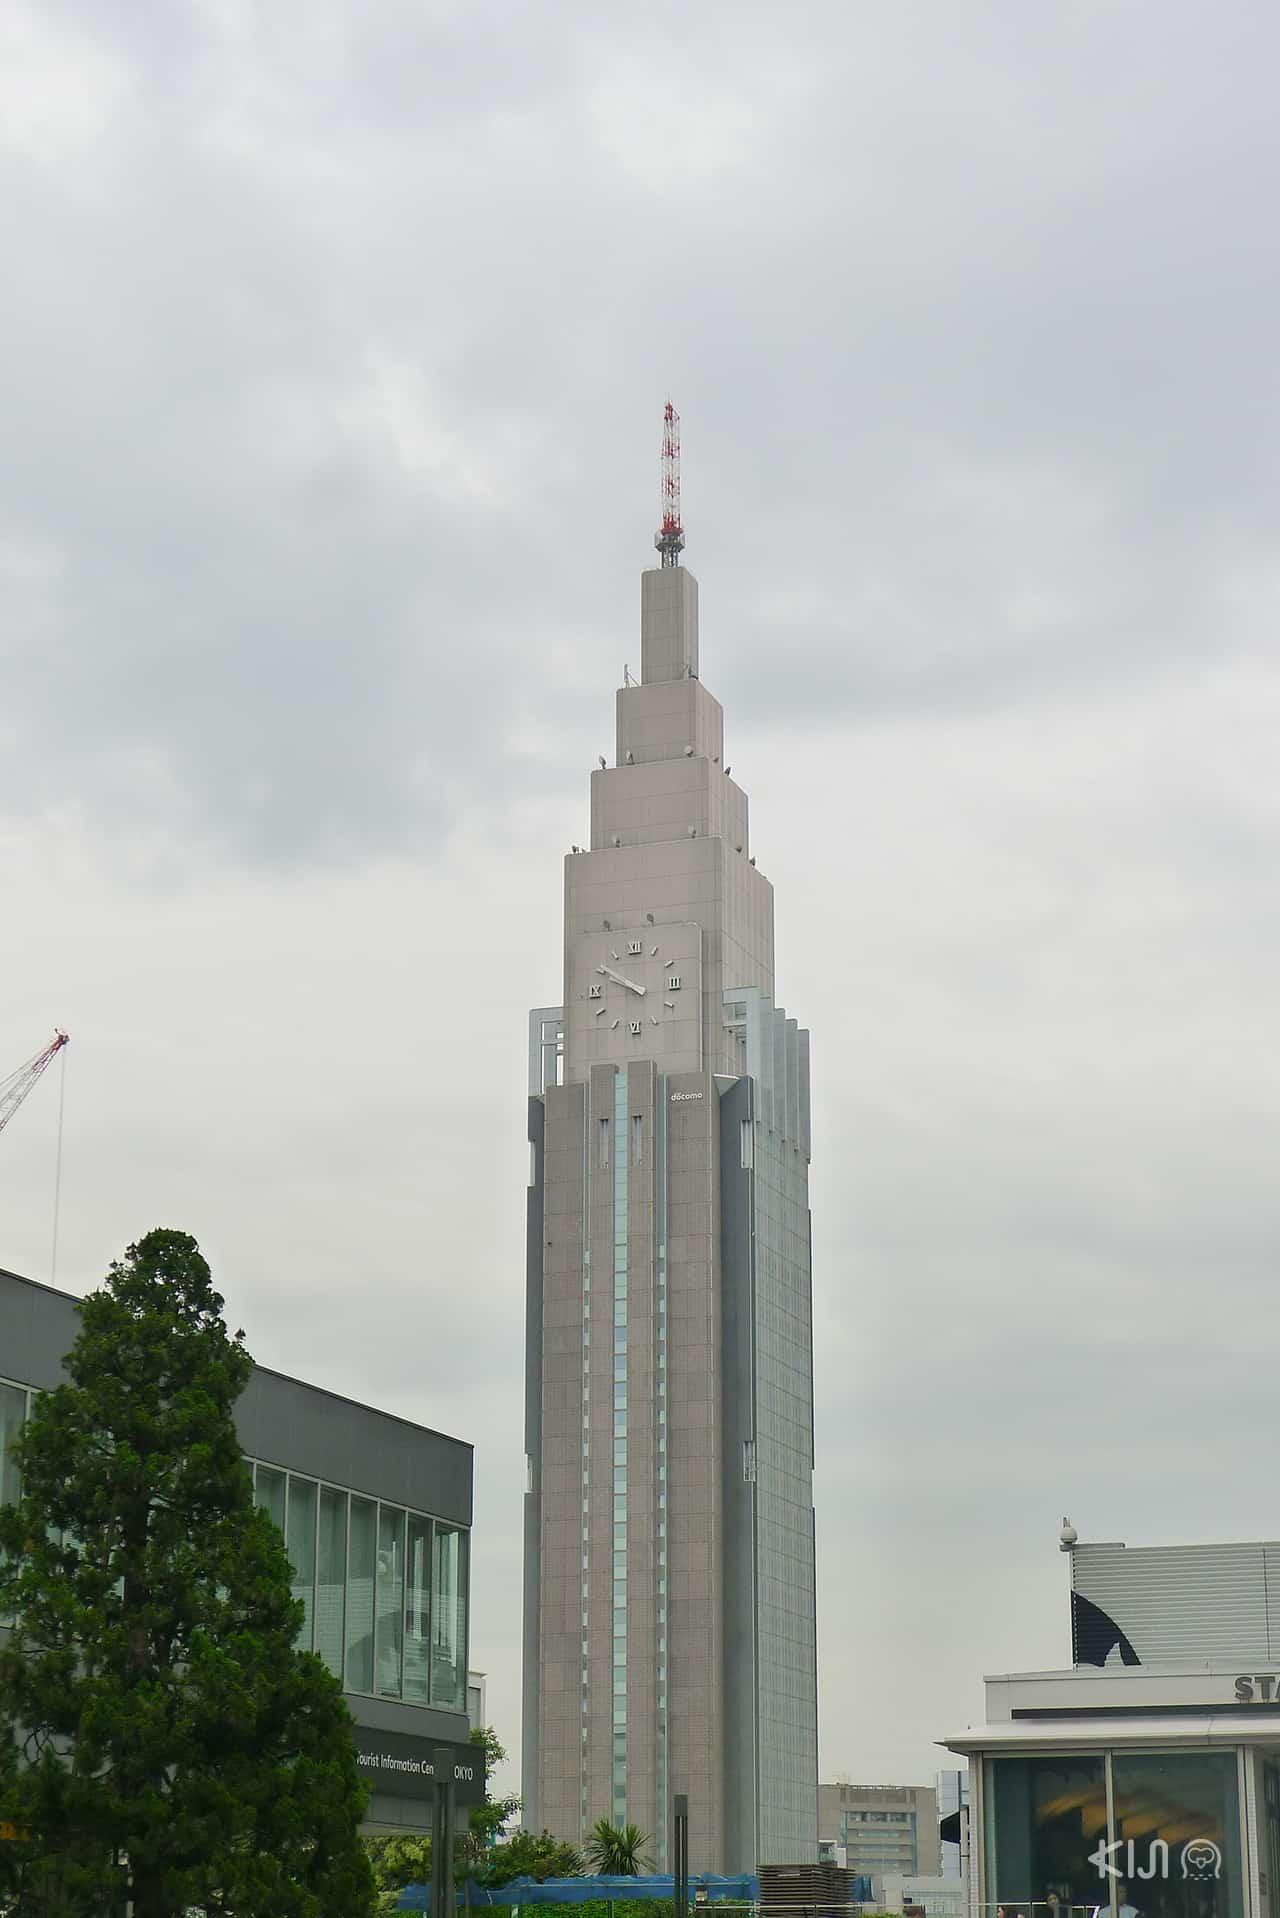 NTT Docomo Yoyogi Building